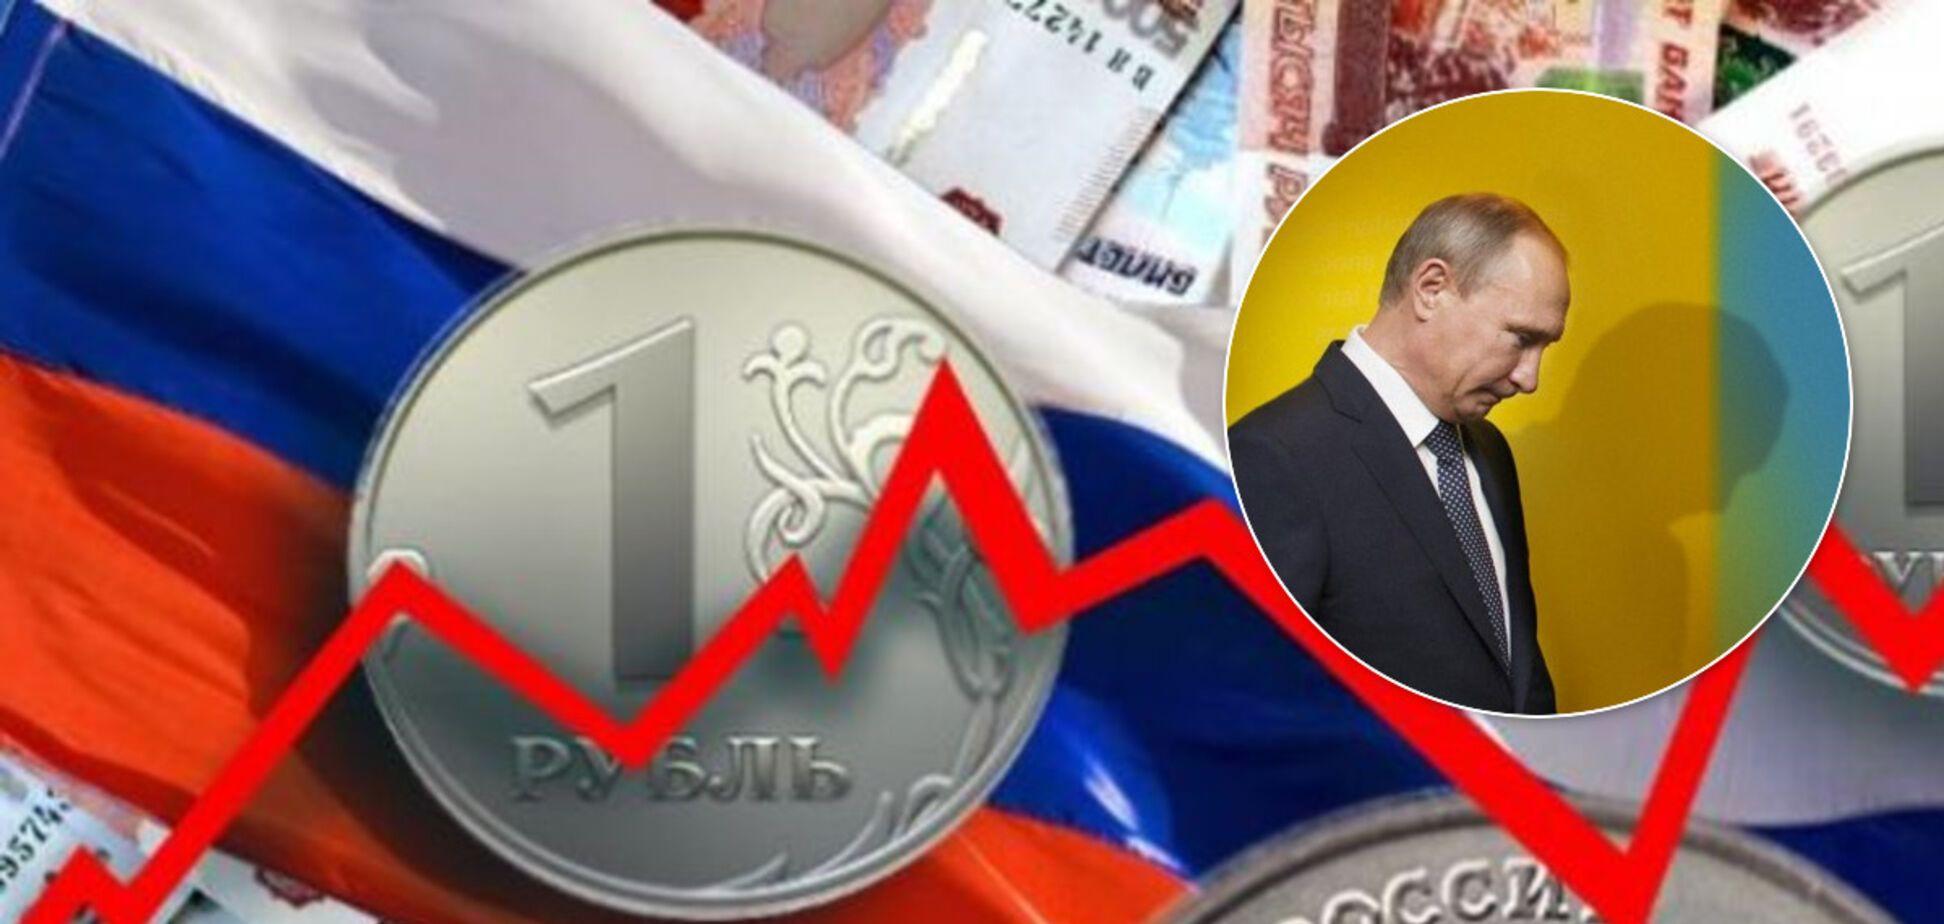 Россия в глубочайшем кризисе. Путин страну не удержит – экс-полковник ФСБ